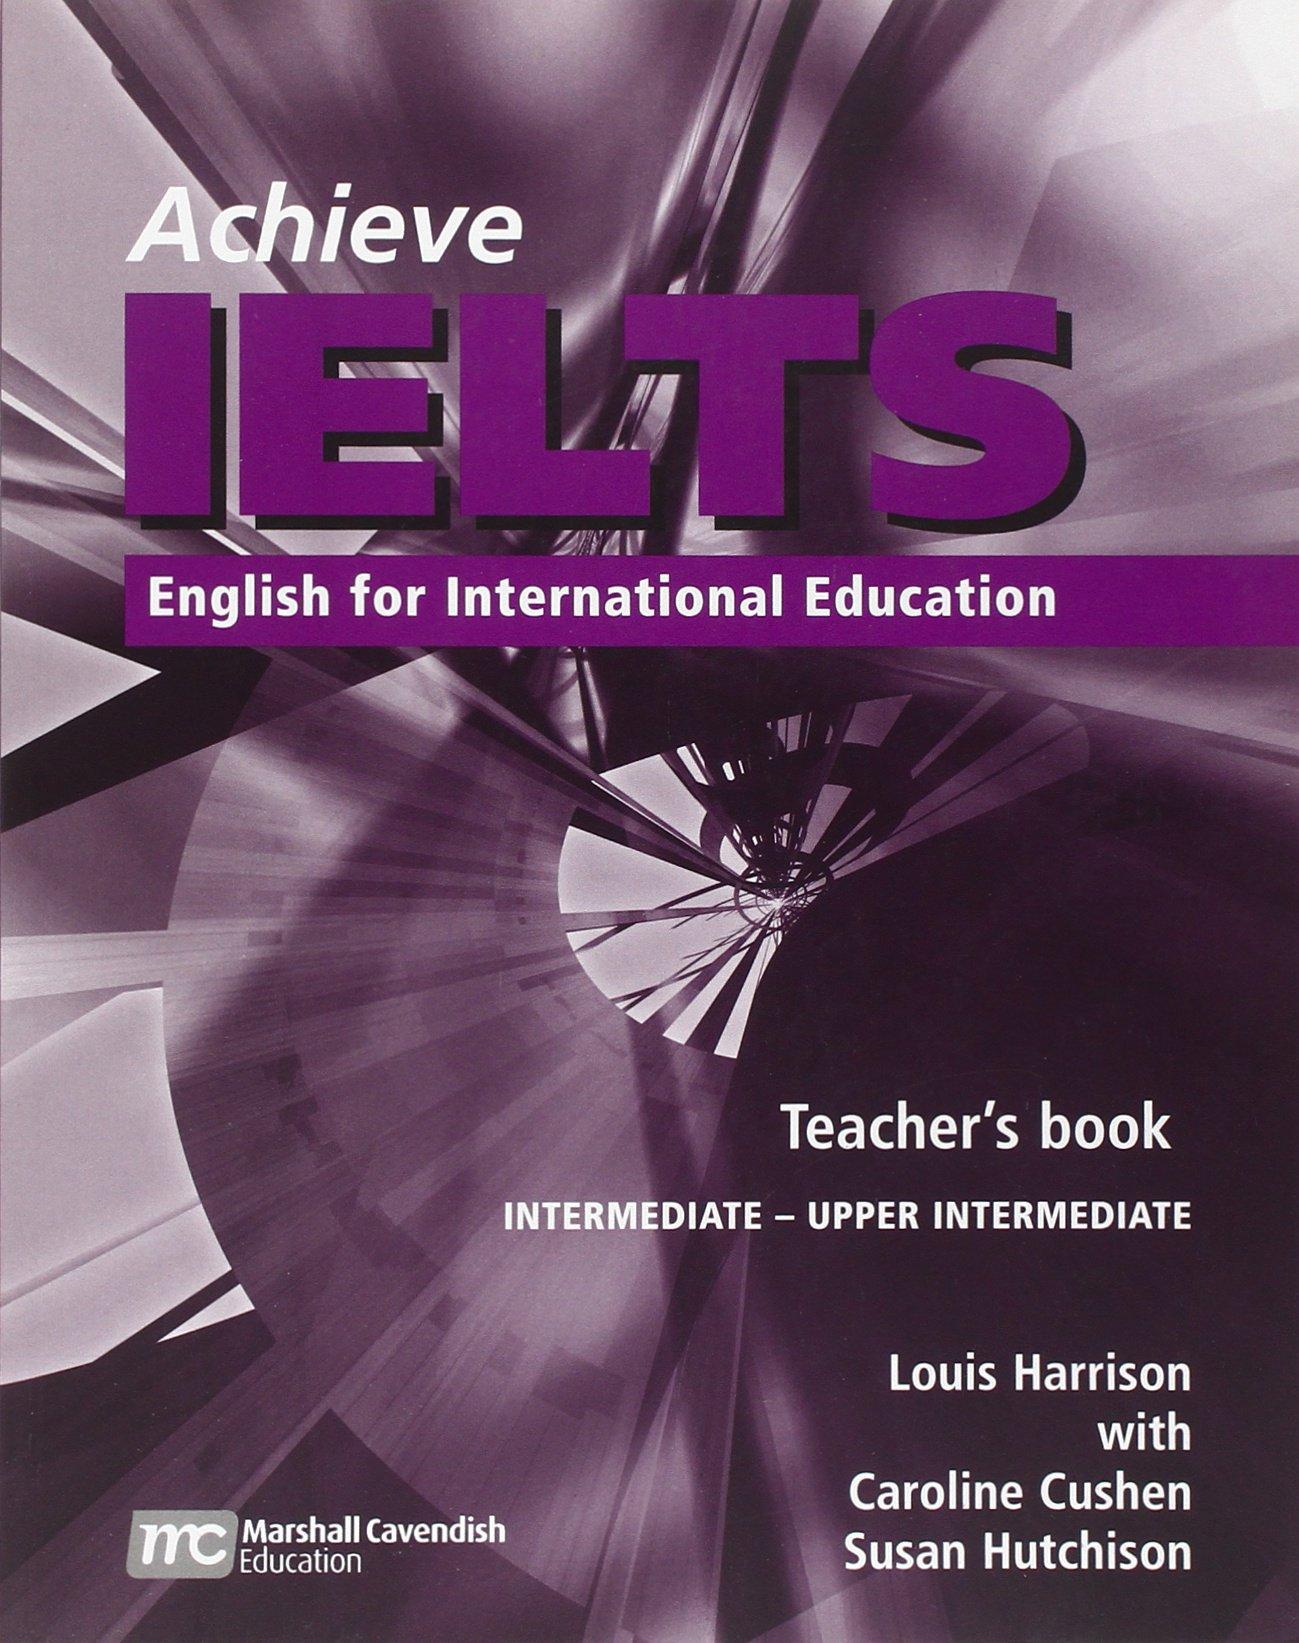 Achieve IELTS Teacher's Book - Intermediate - Upper